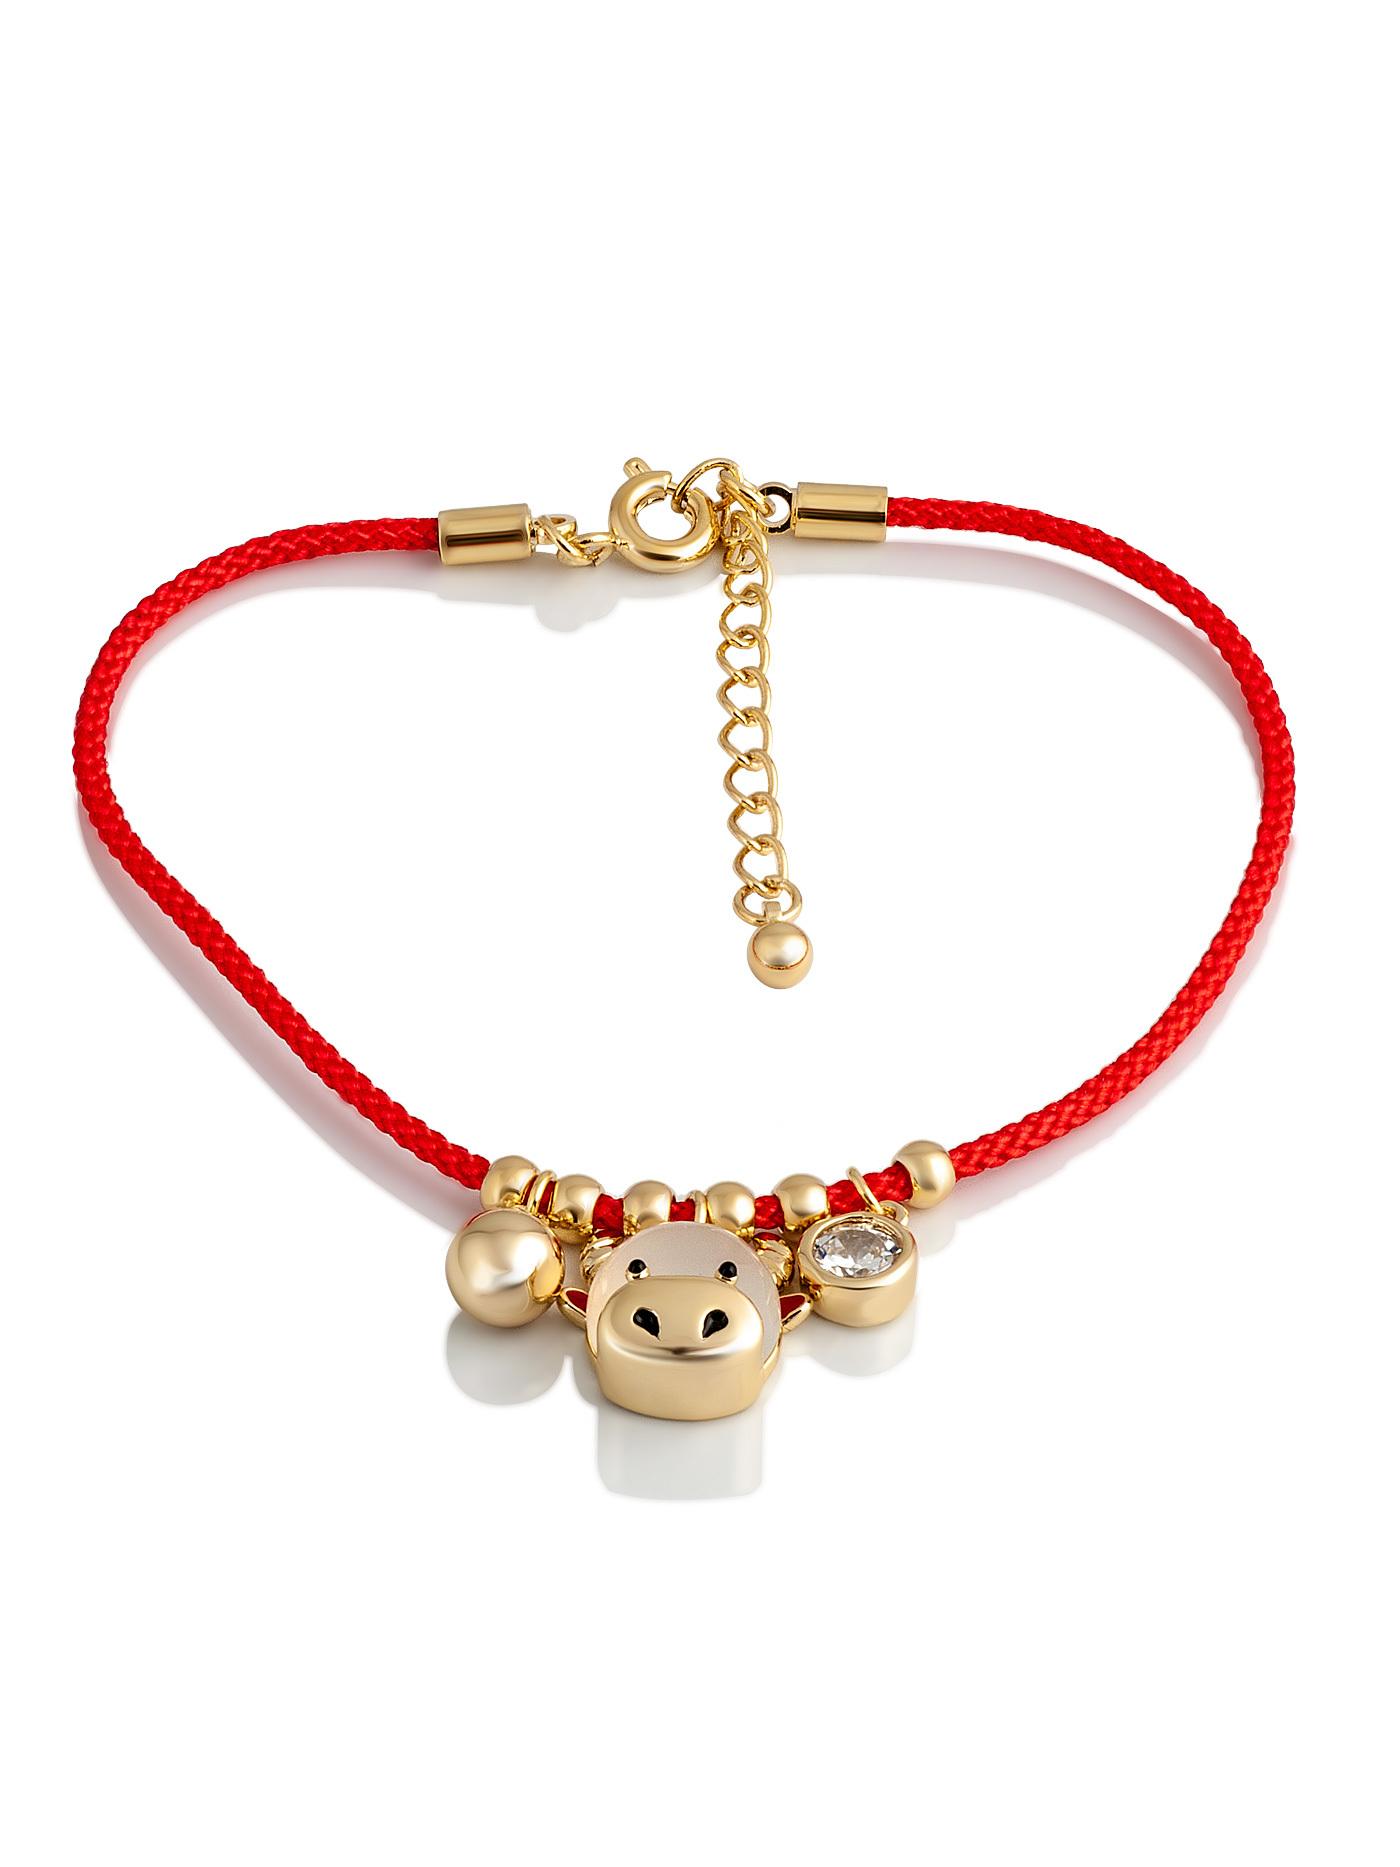 Красный браслет-амулет, Бык животное символ года 2021